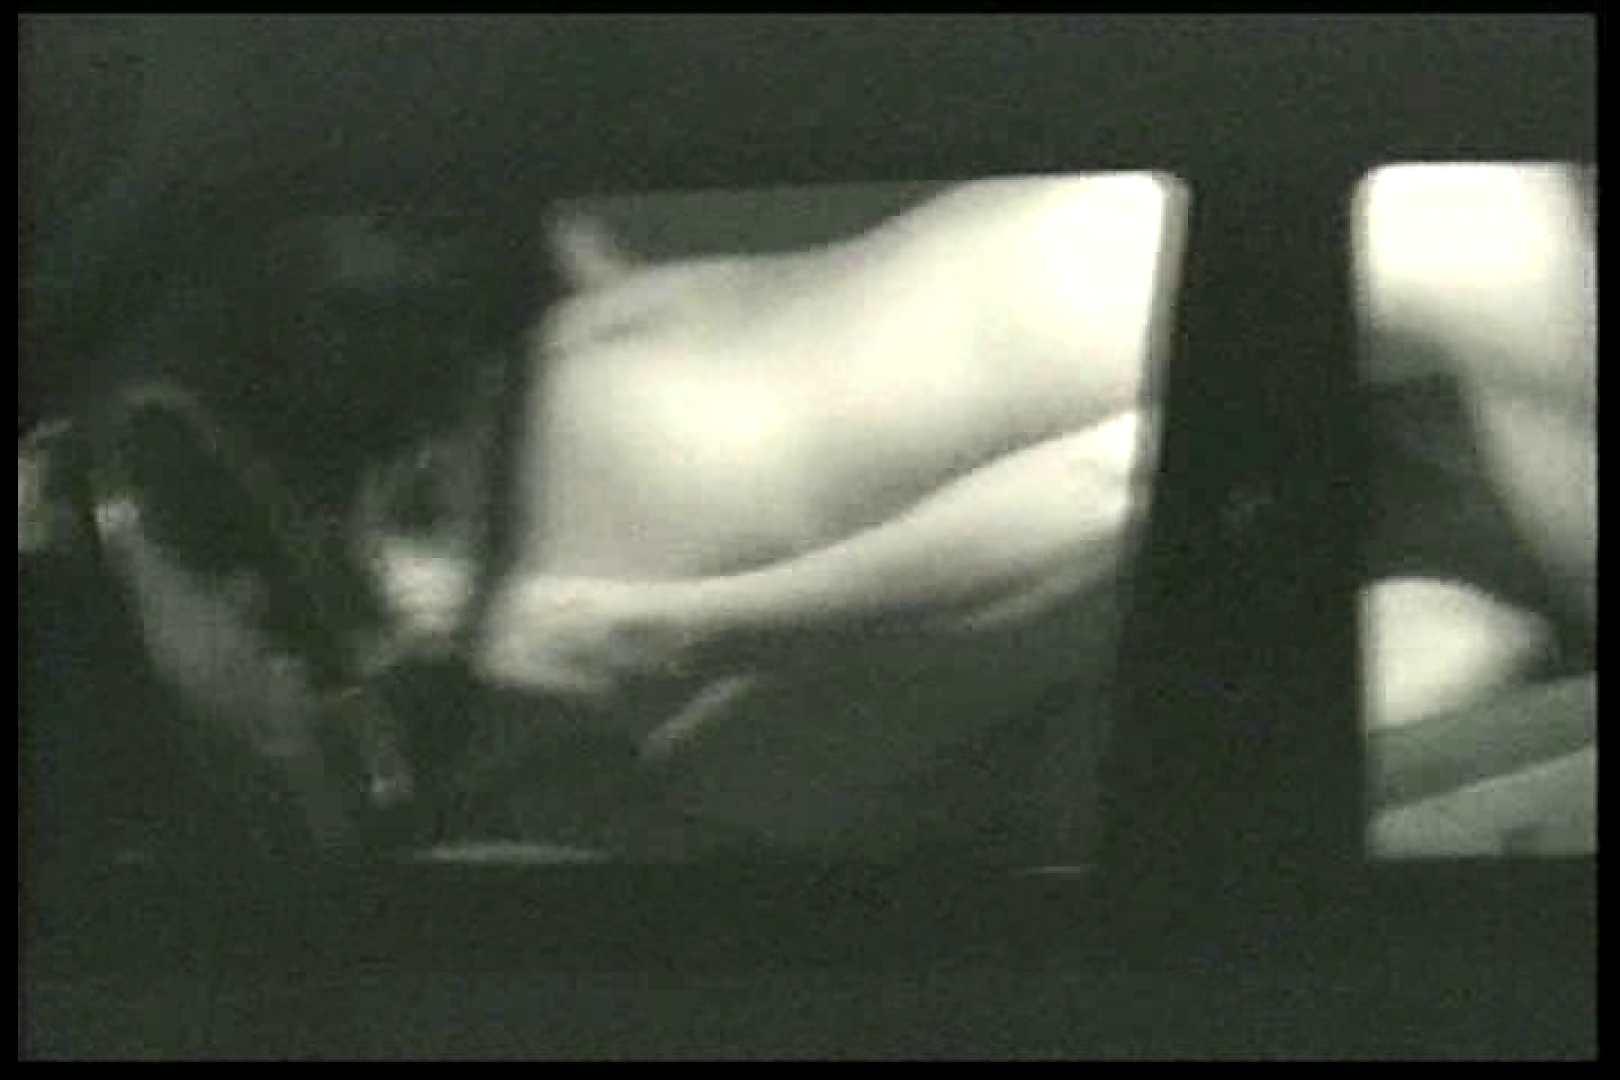 車の中はラブホテル 無修正版  Vol.15 車 AV無料動画キャプチャ 89pic 87